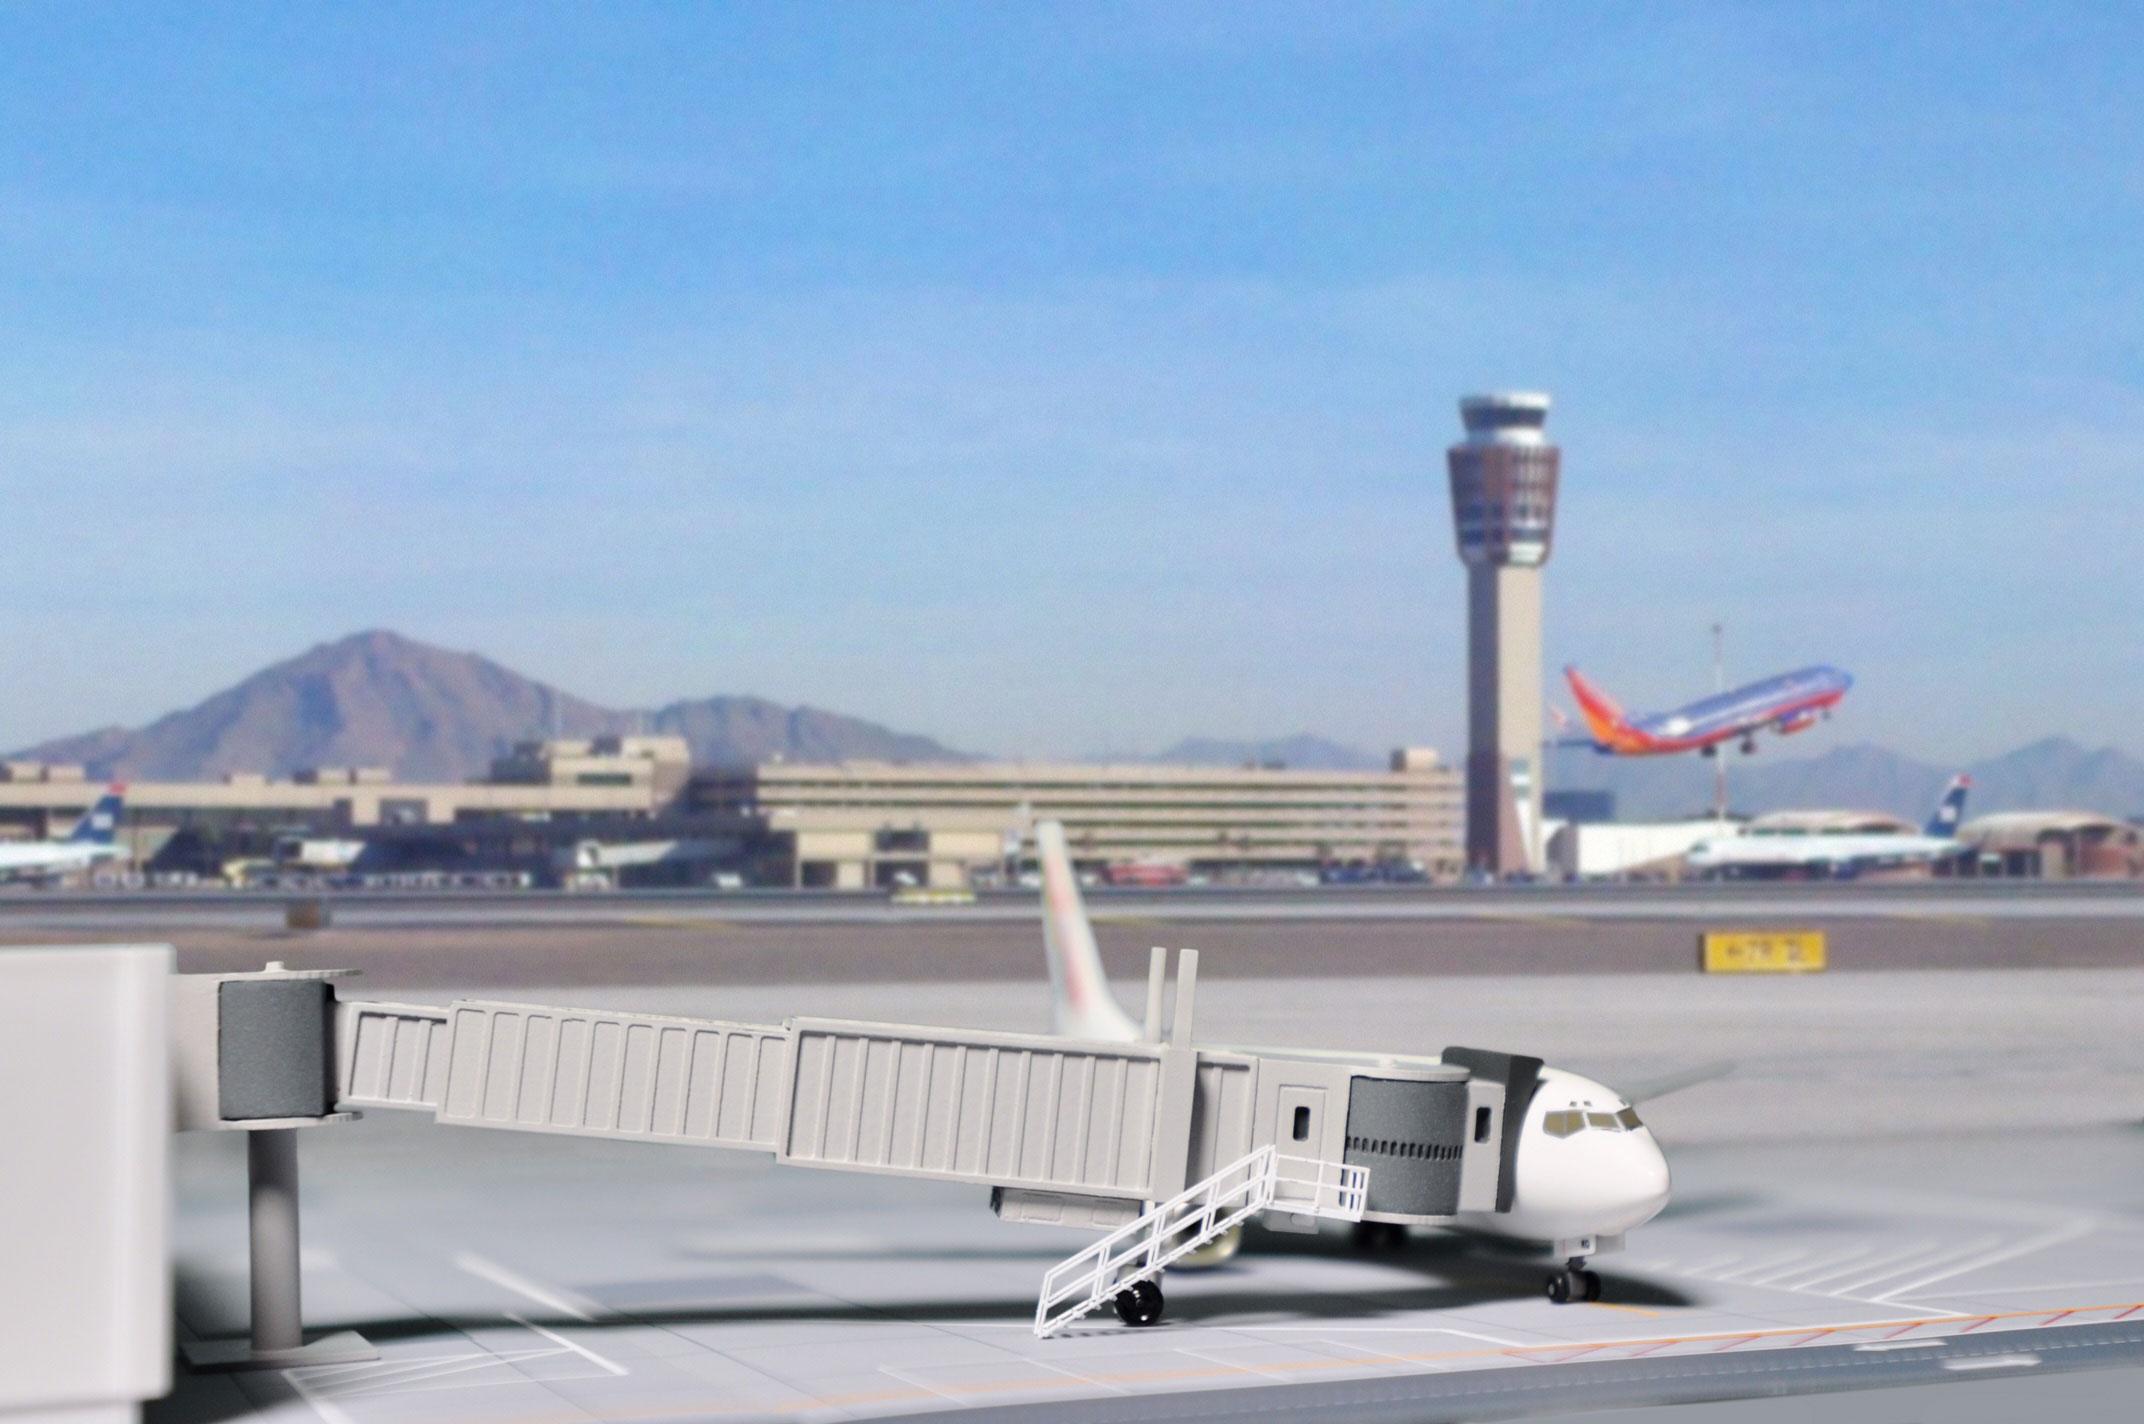 Fluggastbrücke Modell 1:200 als Airport Accessories